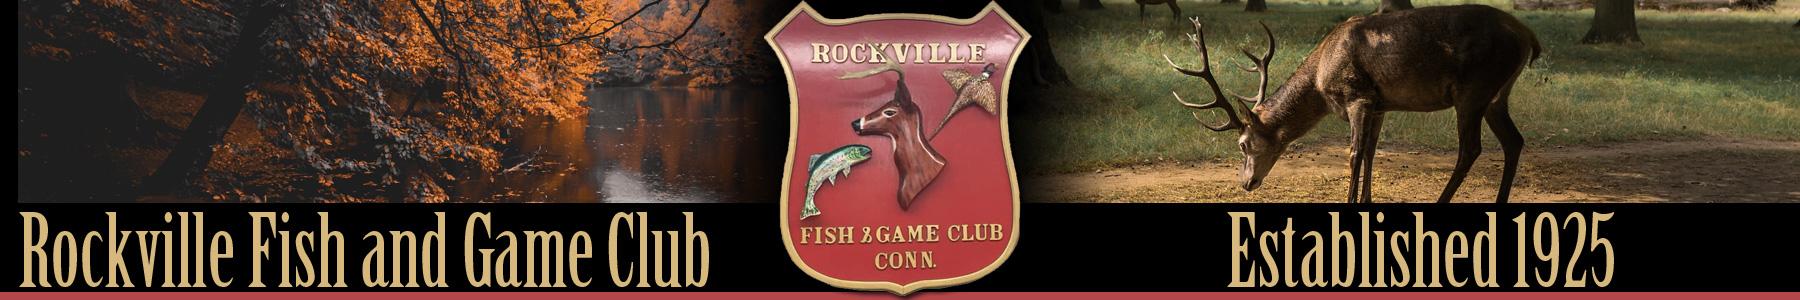 RF&G Club